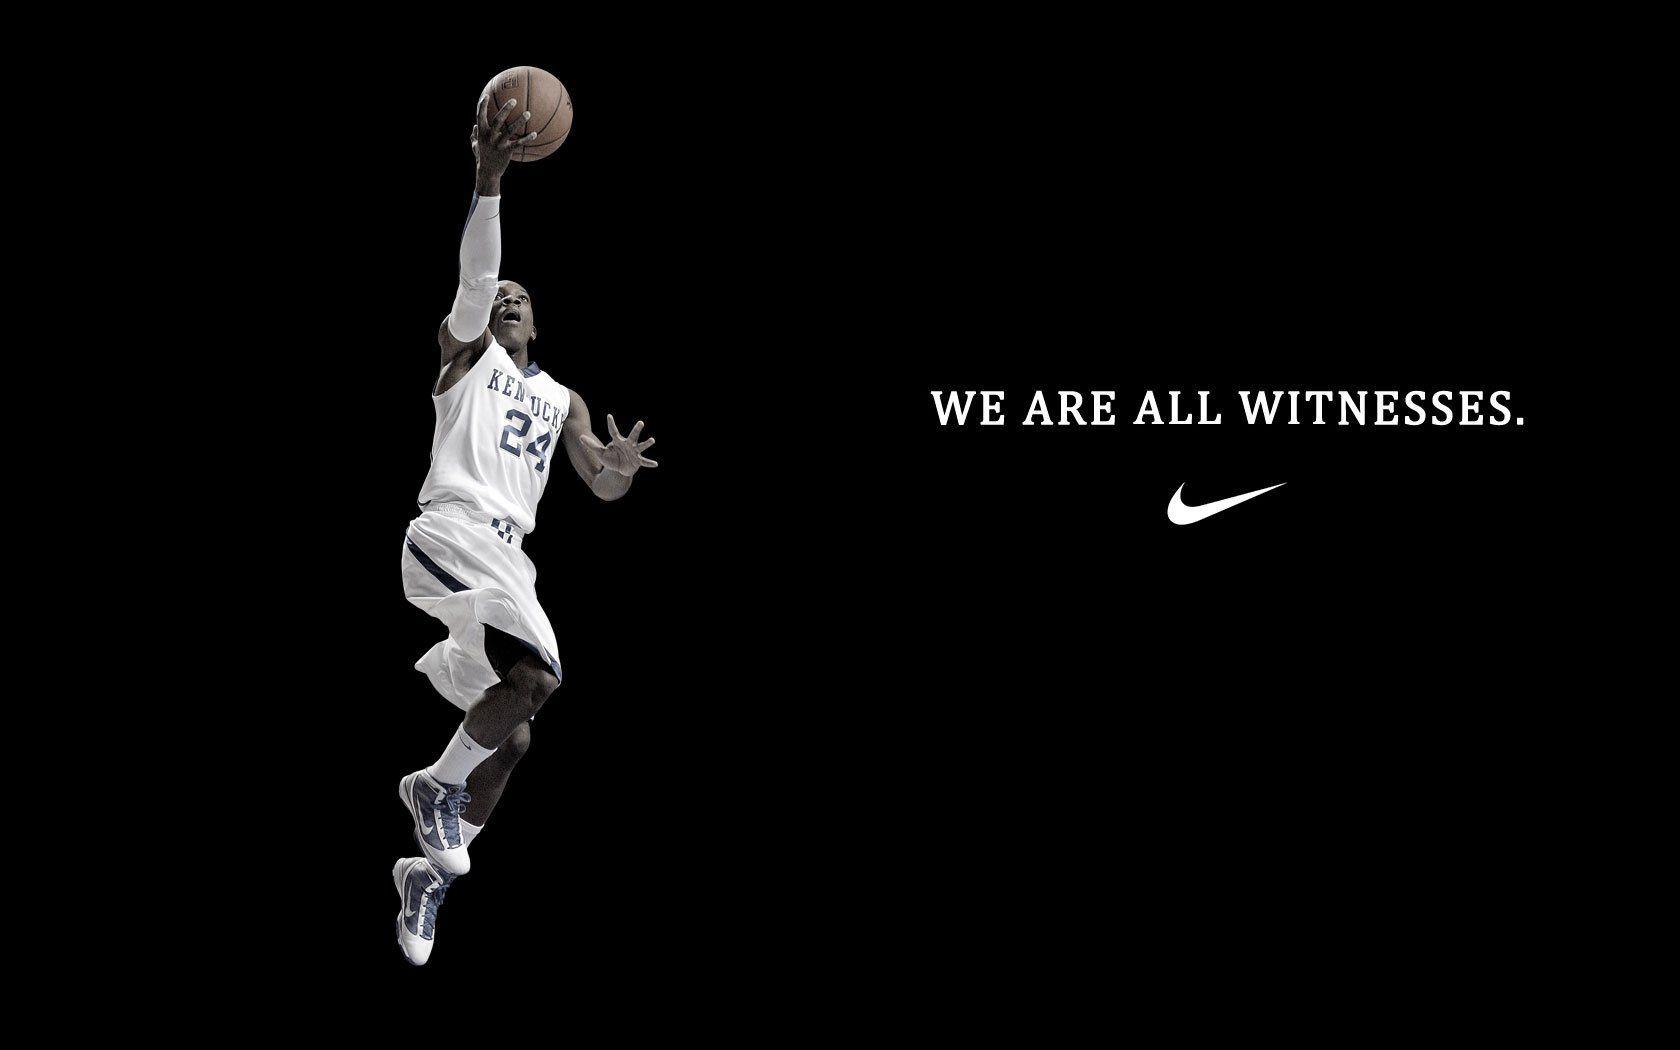 University Of Kentucky Basketball Wallpaper 1680x1050